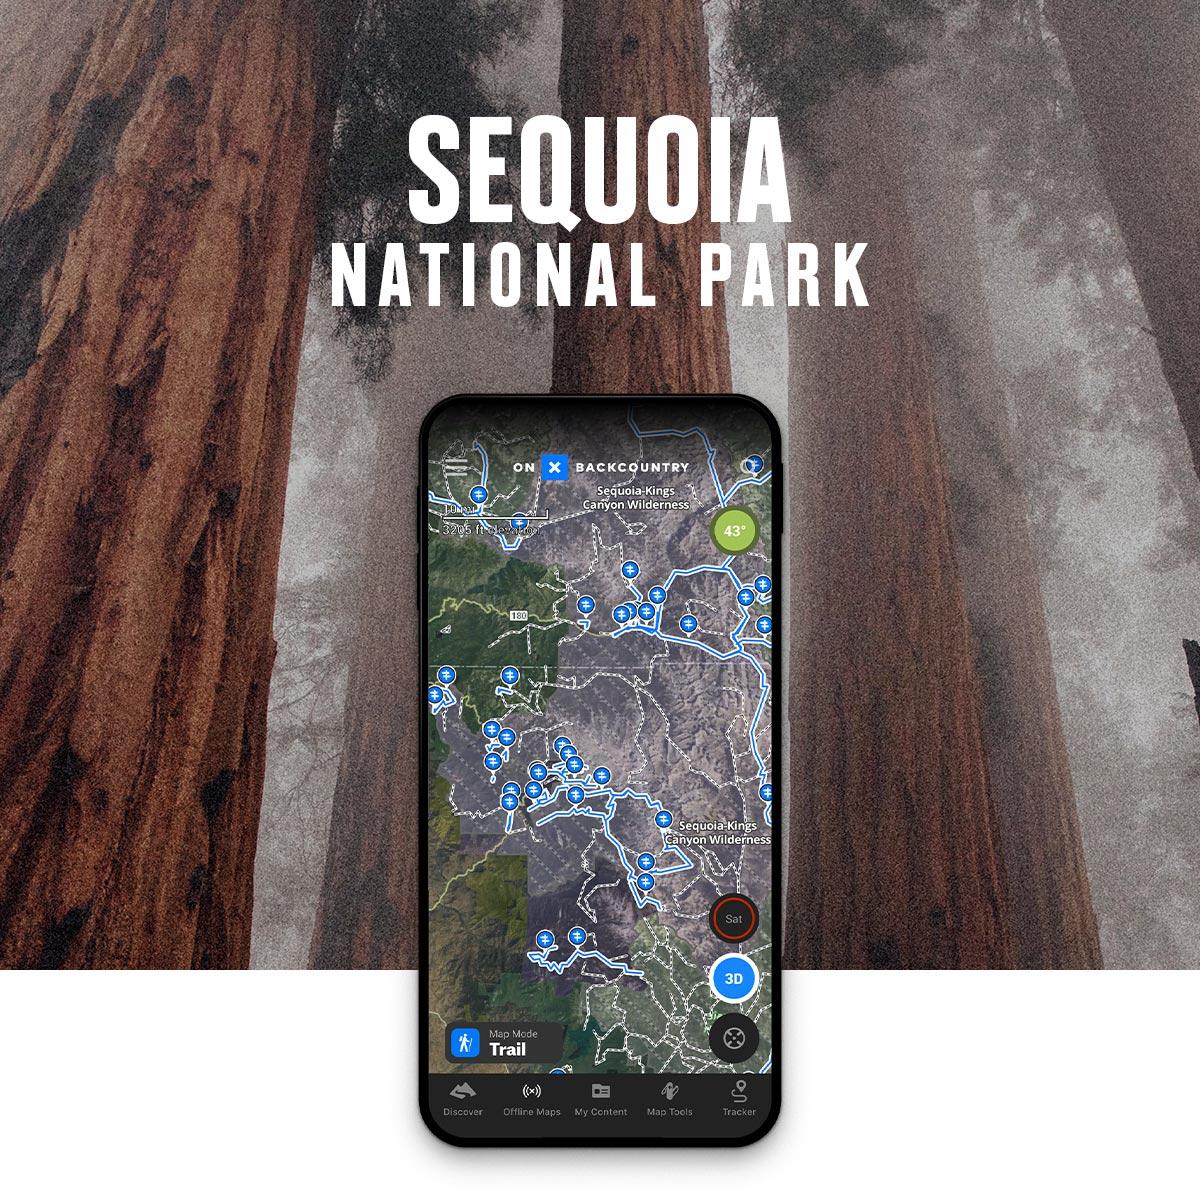 National Park Week Sequoia